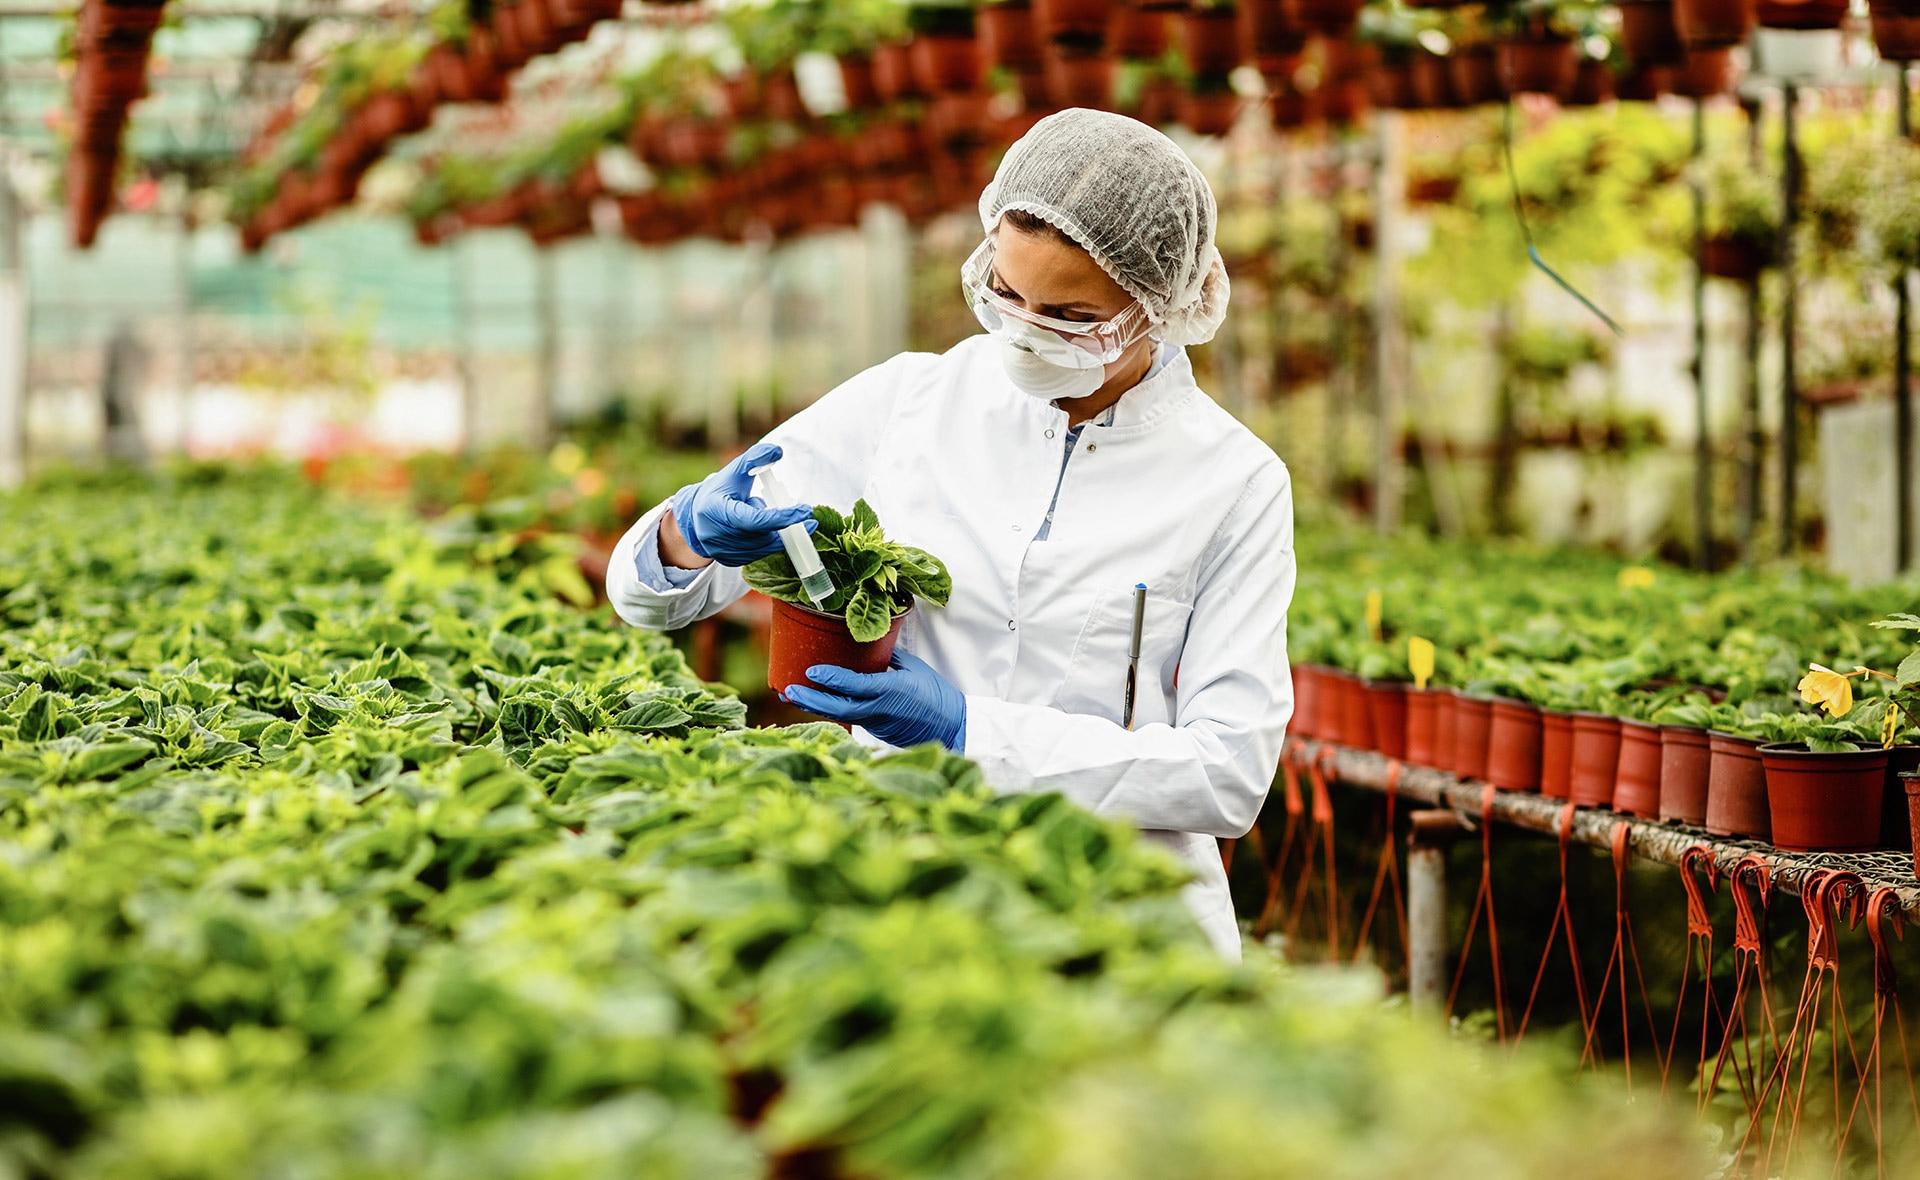 BBVA-biotecnología-agrícola-sostenibilidad-cultivo-agricultura-innovacion-terrenos